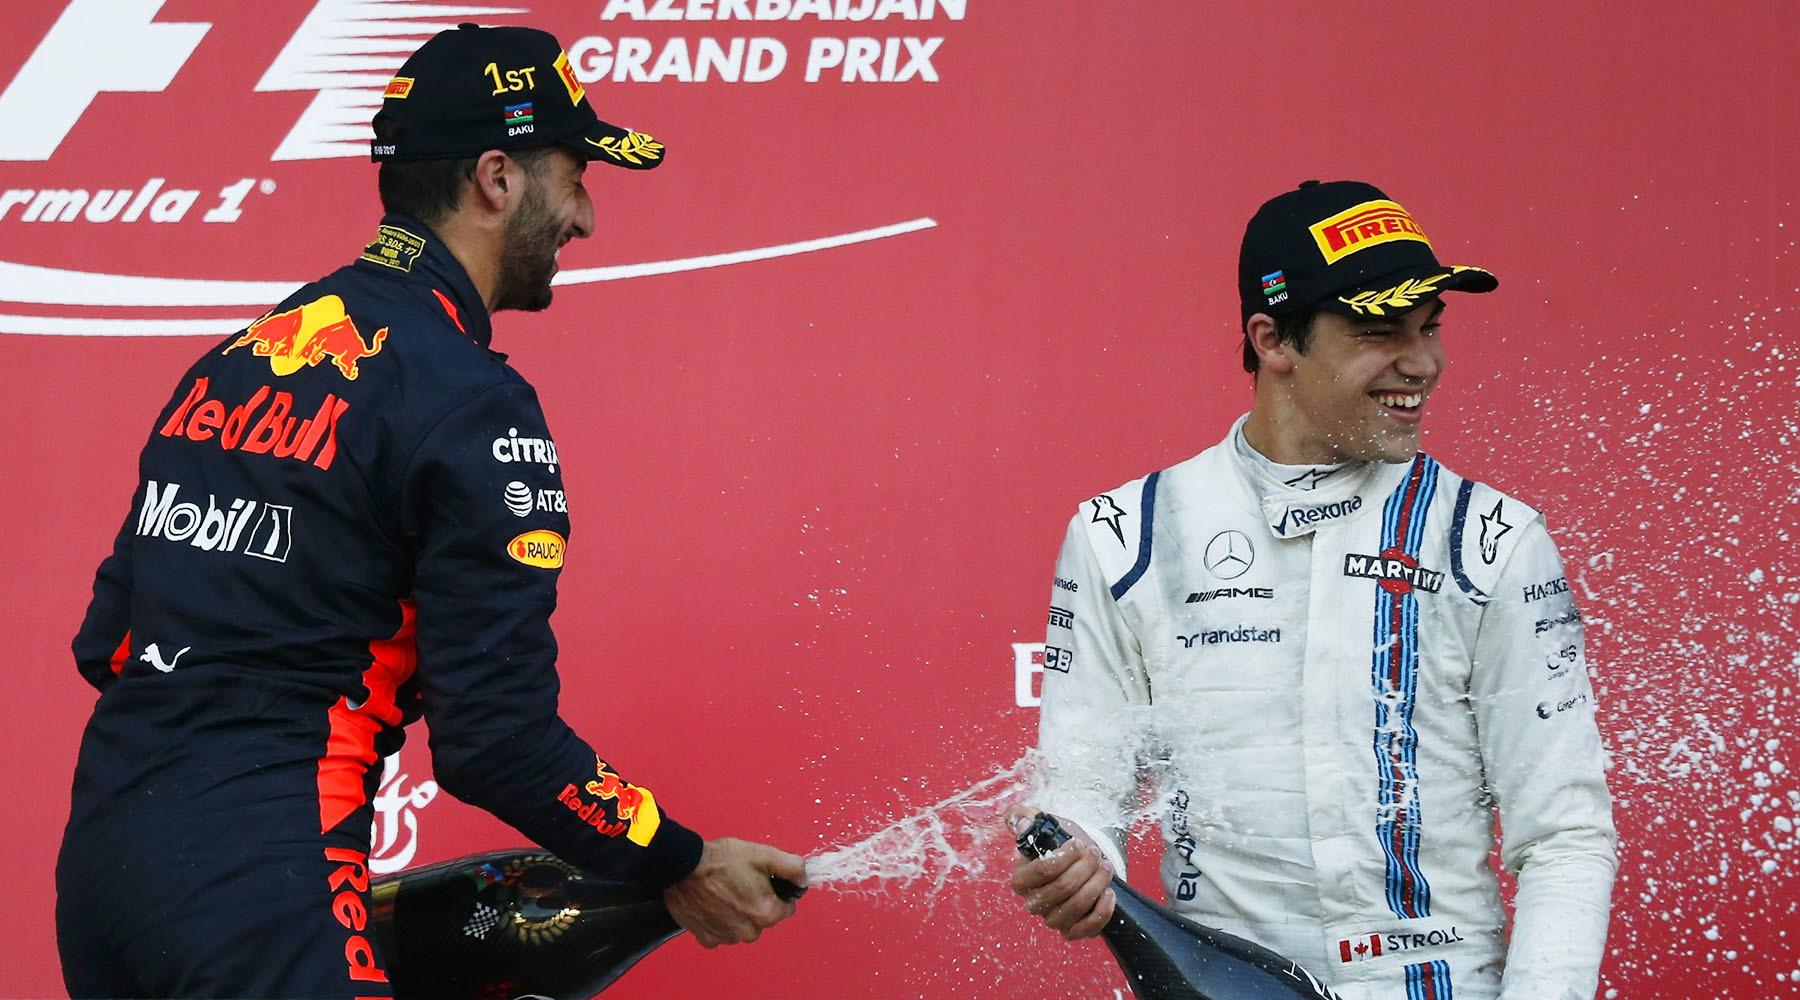 Формула неуспеха в Баку: Феттель и Хэмилтон впервые в сезоне одновременно не попали на подиум, Квят снова сошёл